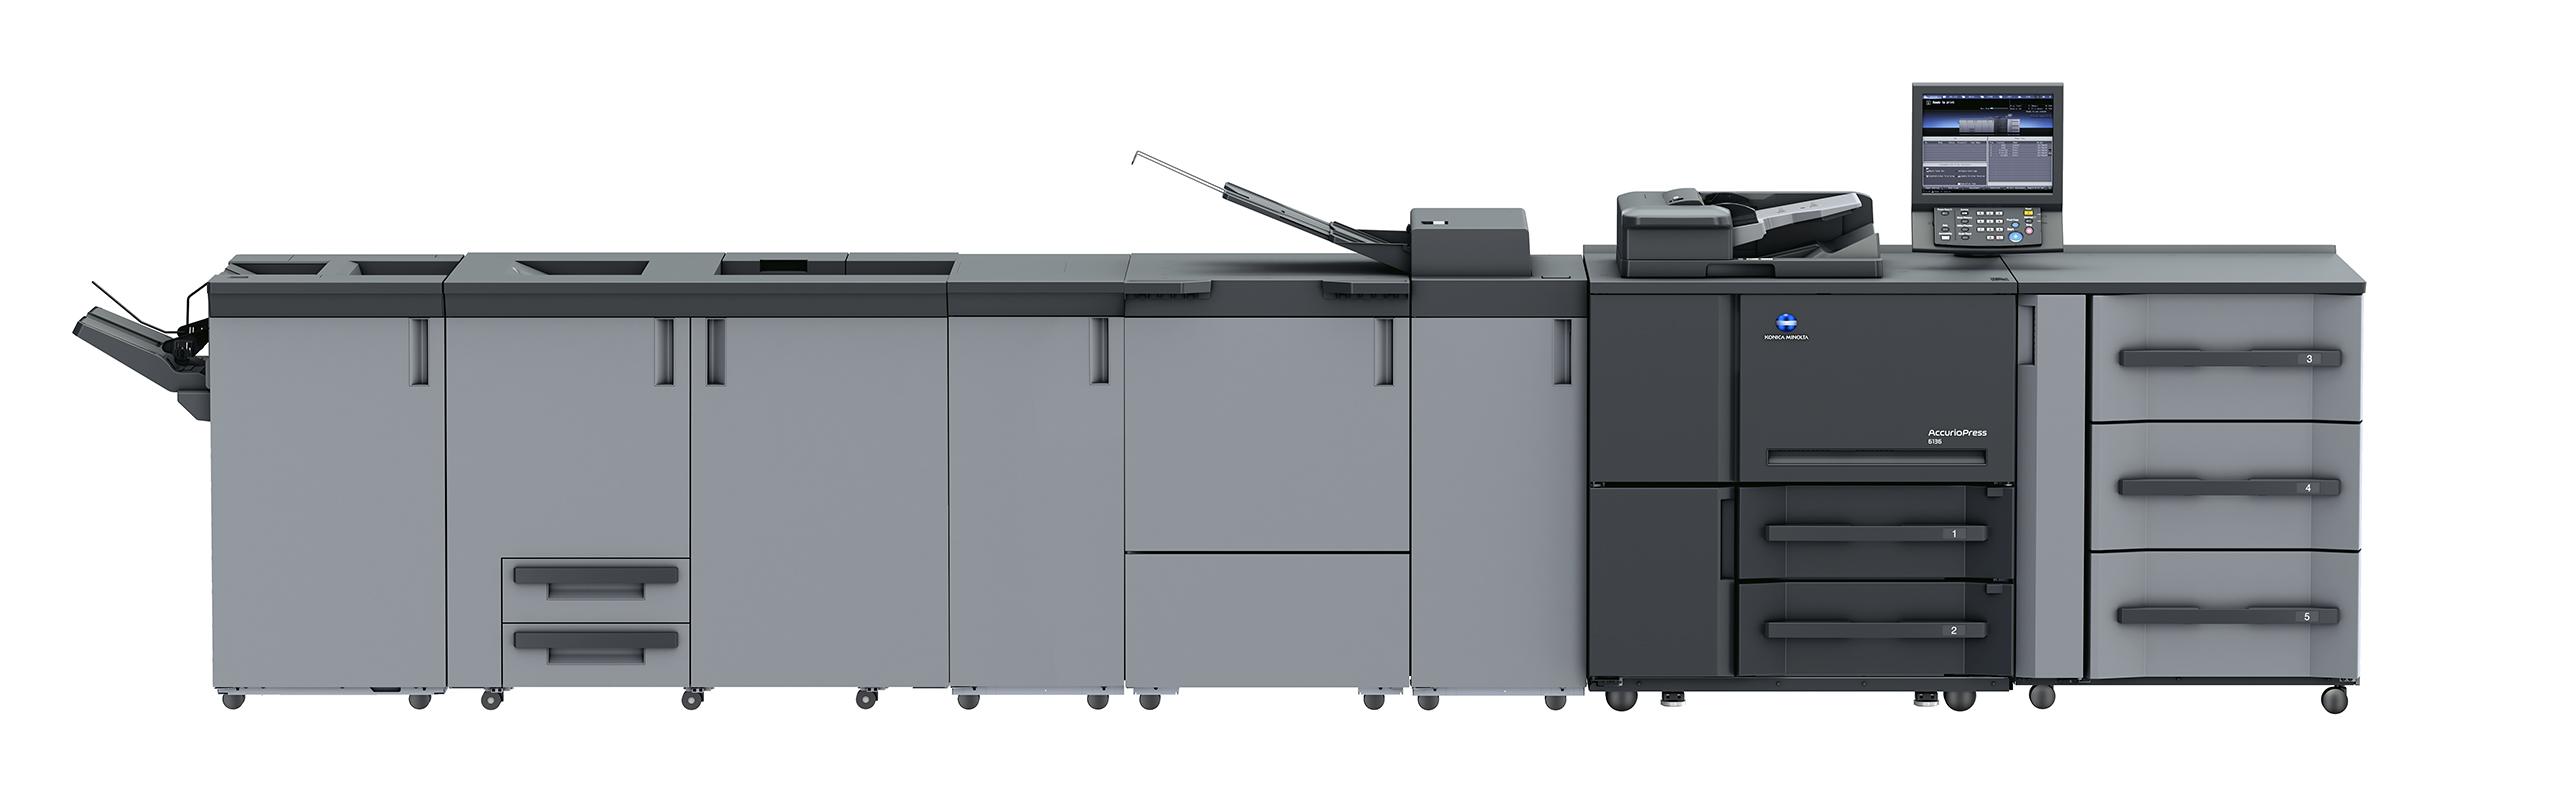 เครื่องพิมพ์ดิจิตอลสีรุ่น AccurioPress 6136 / 6120